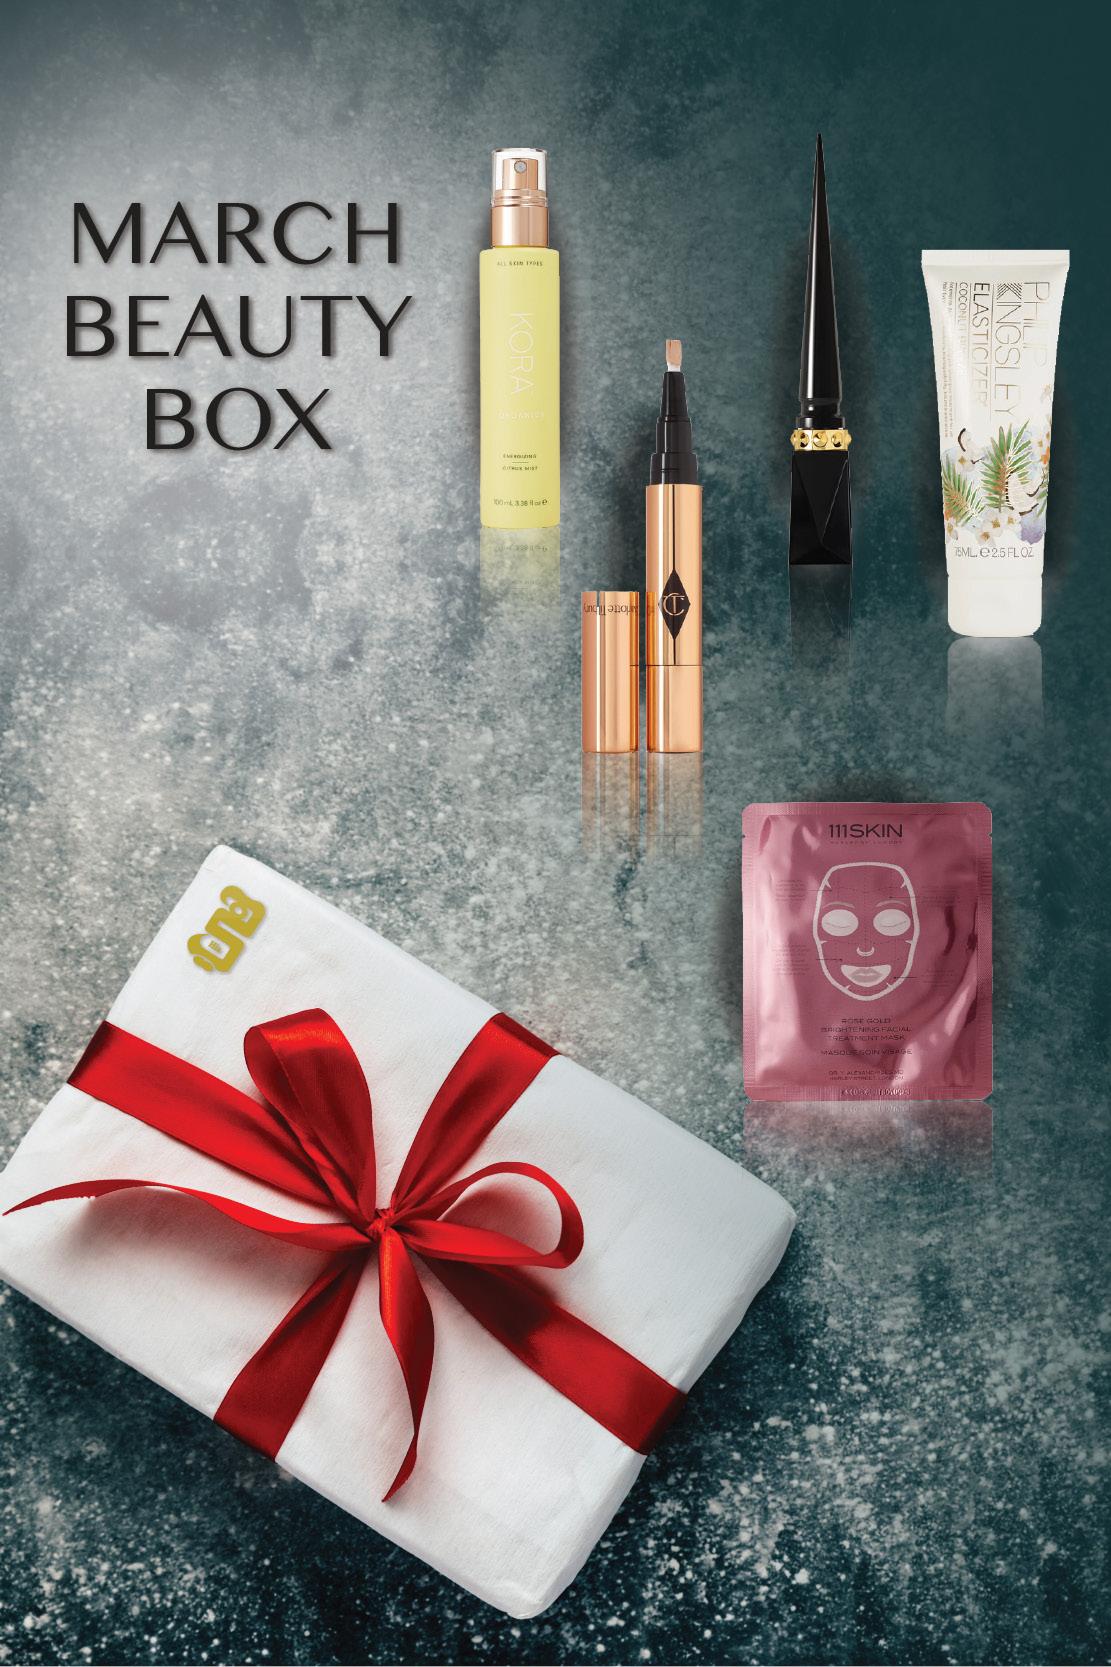 Beauty Box  شهر مارس ... مستحضرات جمالية مع بداية فصل الربيع